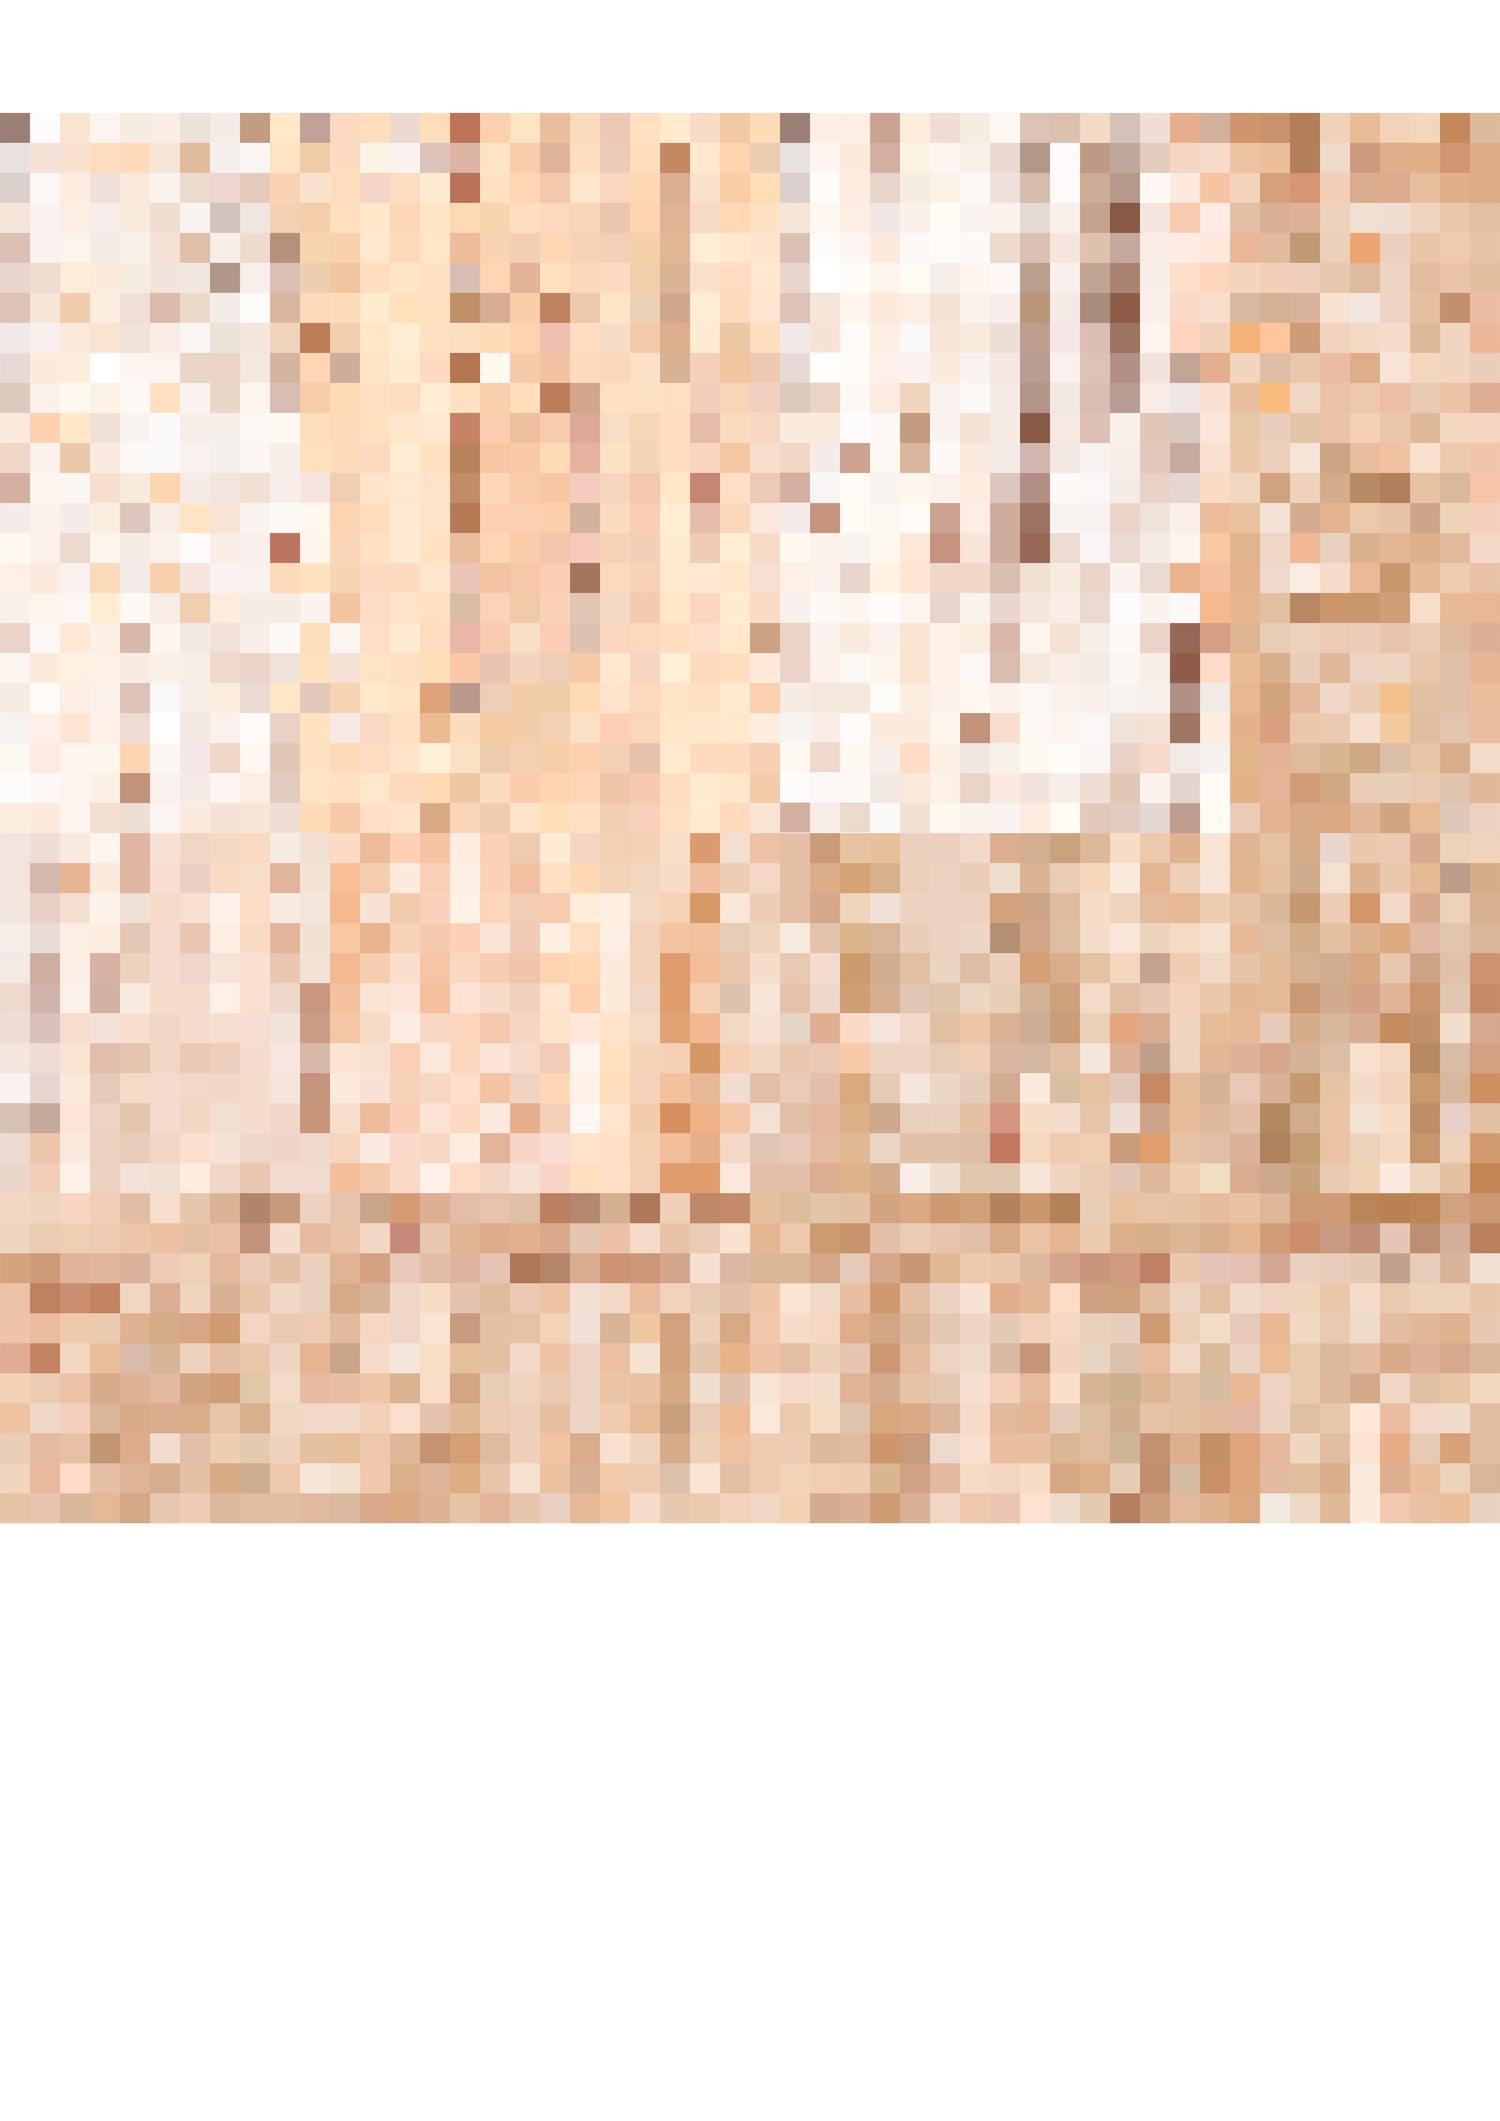 04+skin+color-02.jpg